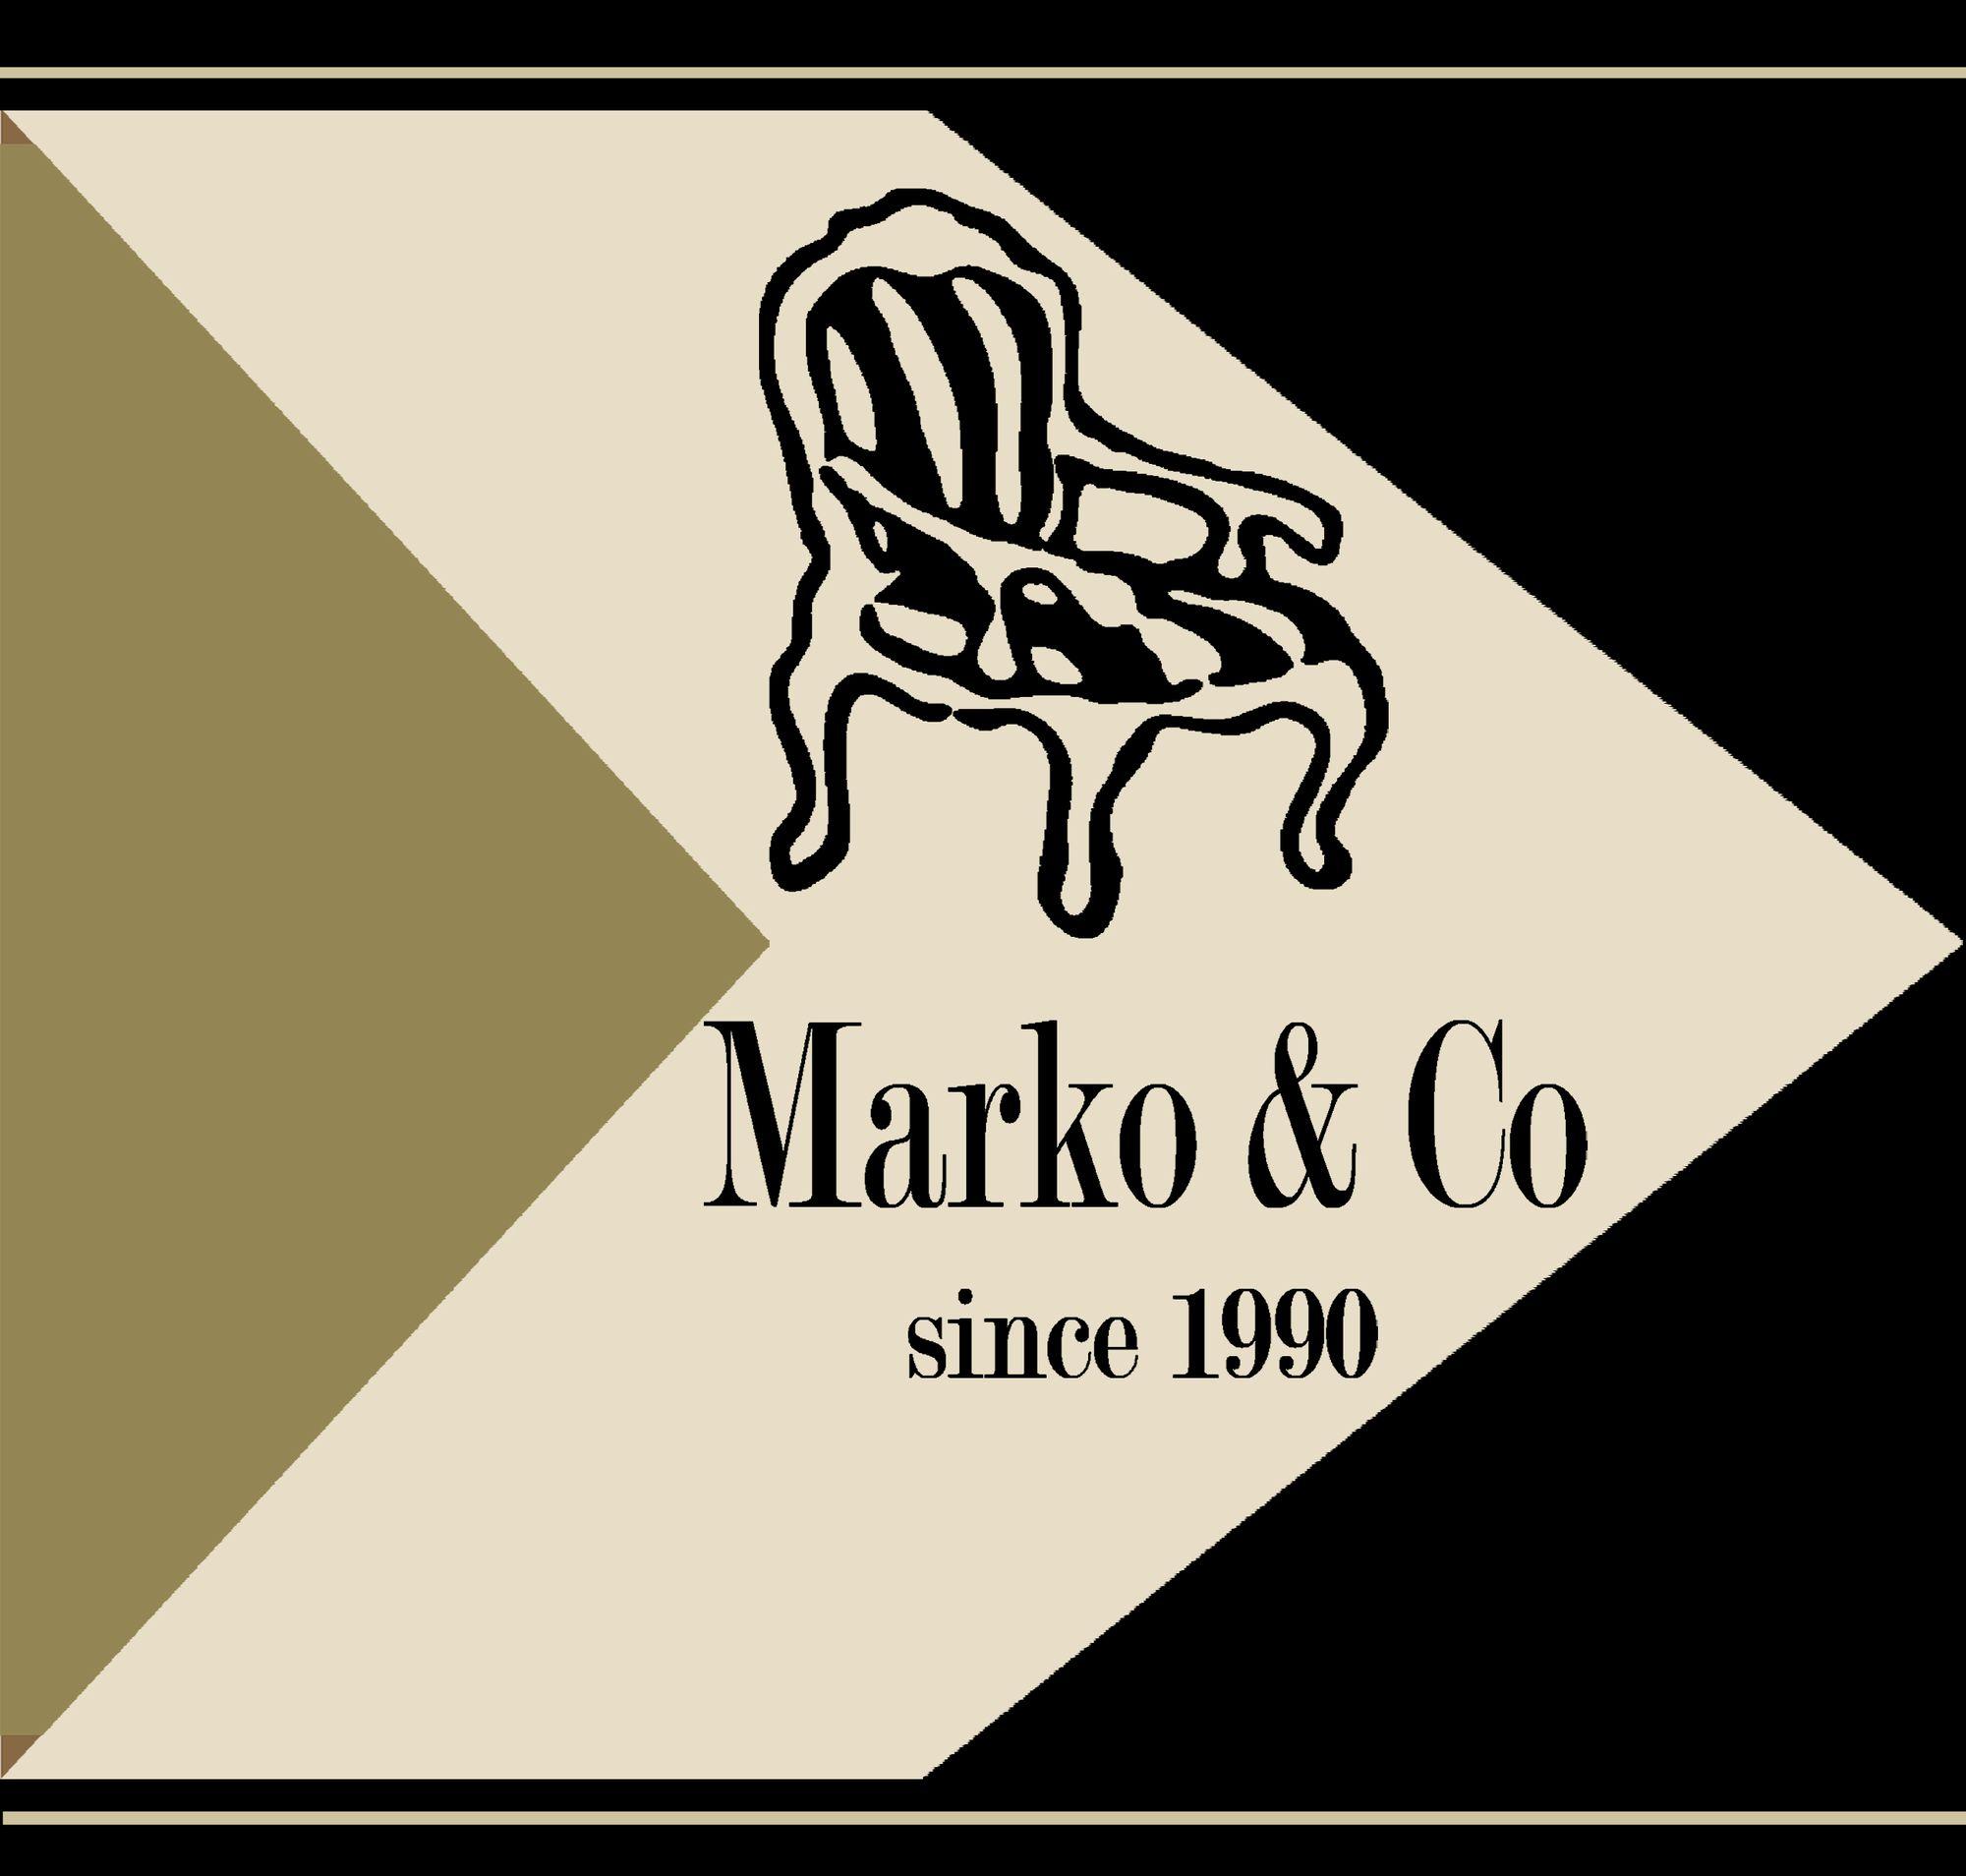 Marko & Co 1990 d.o.o.